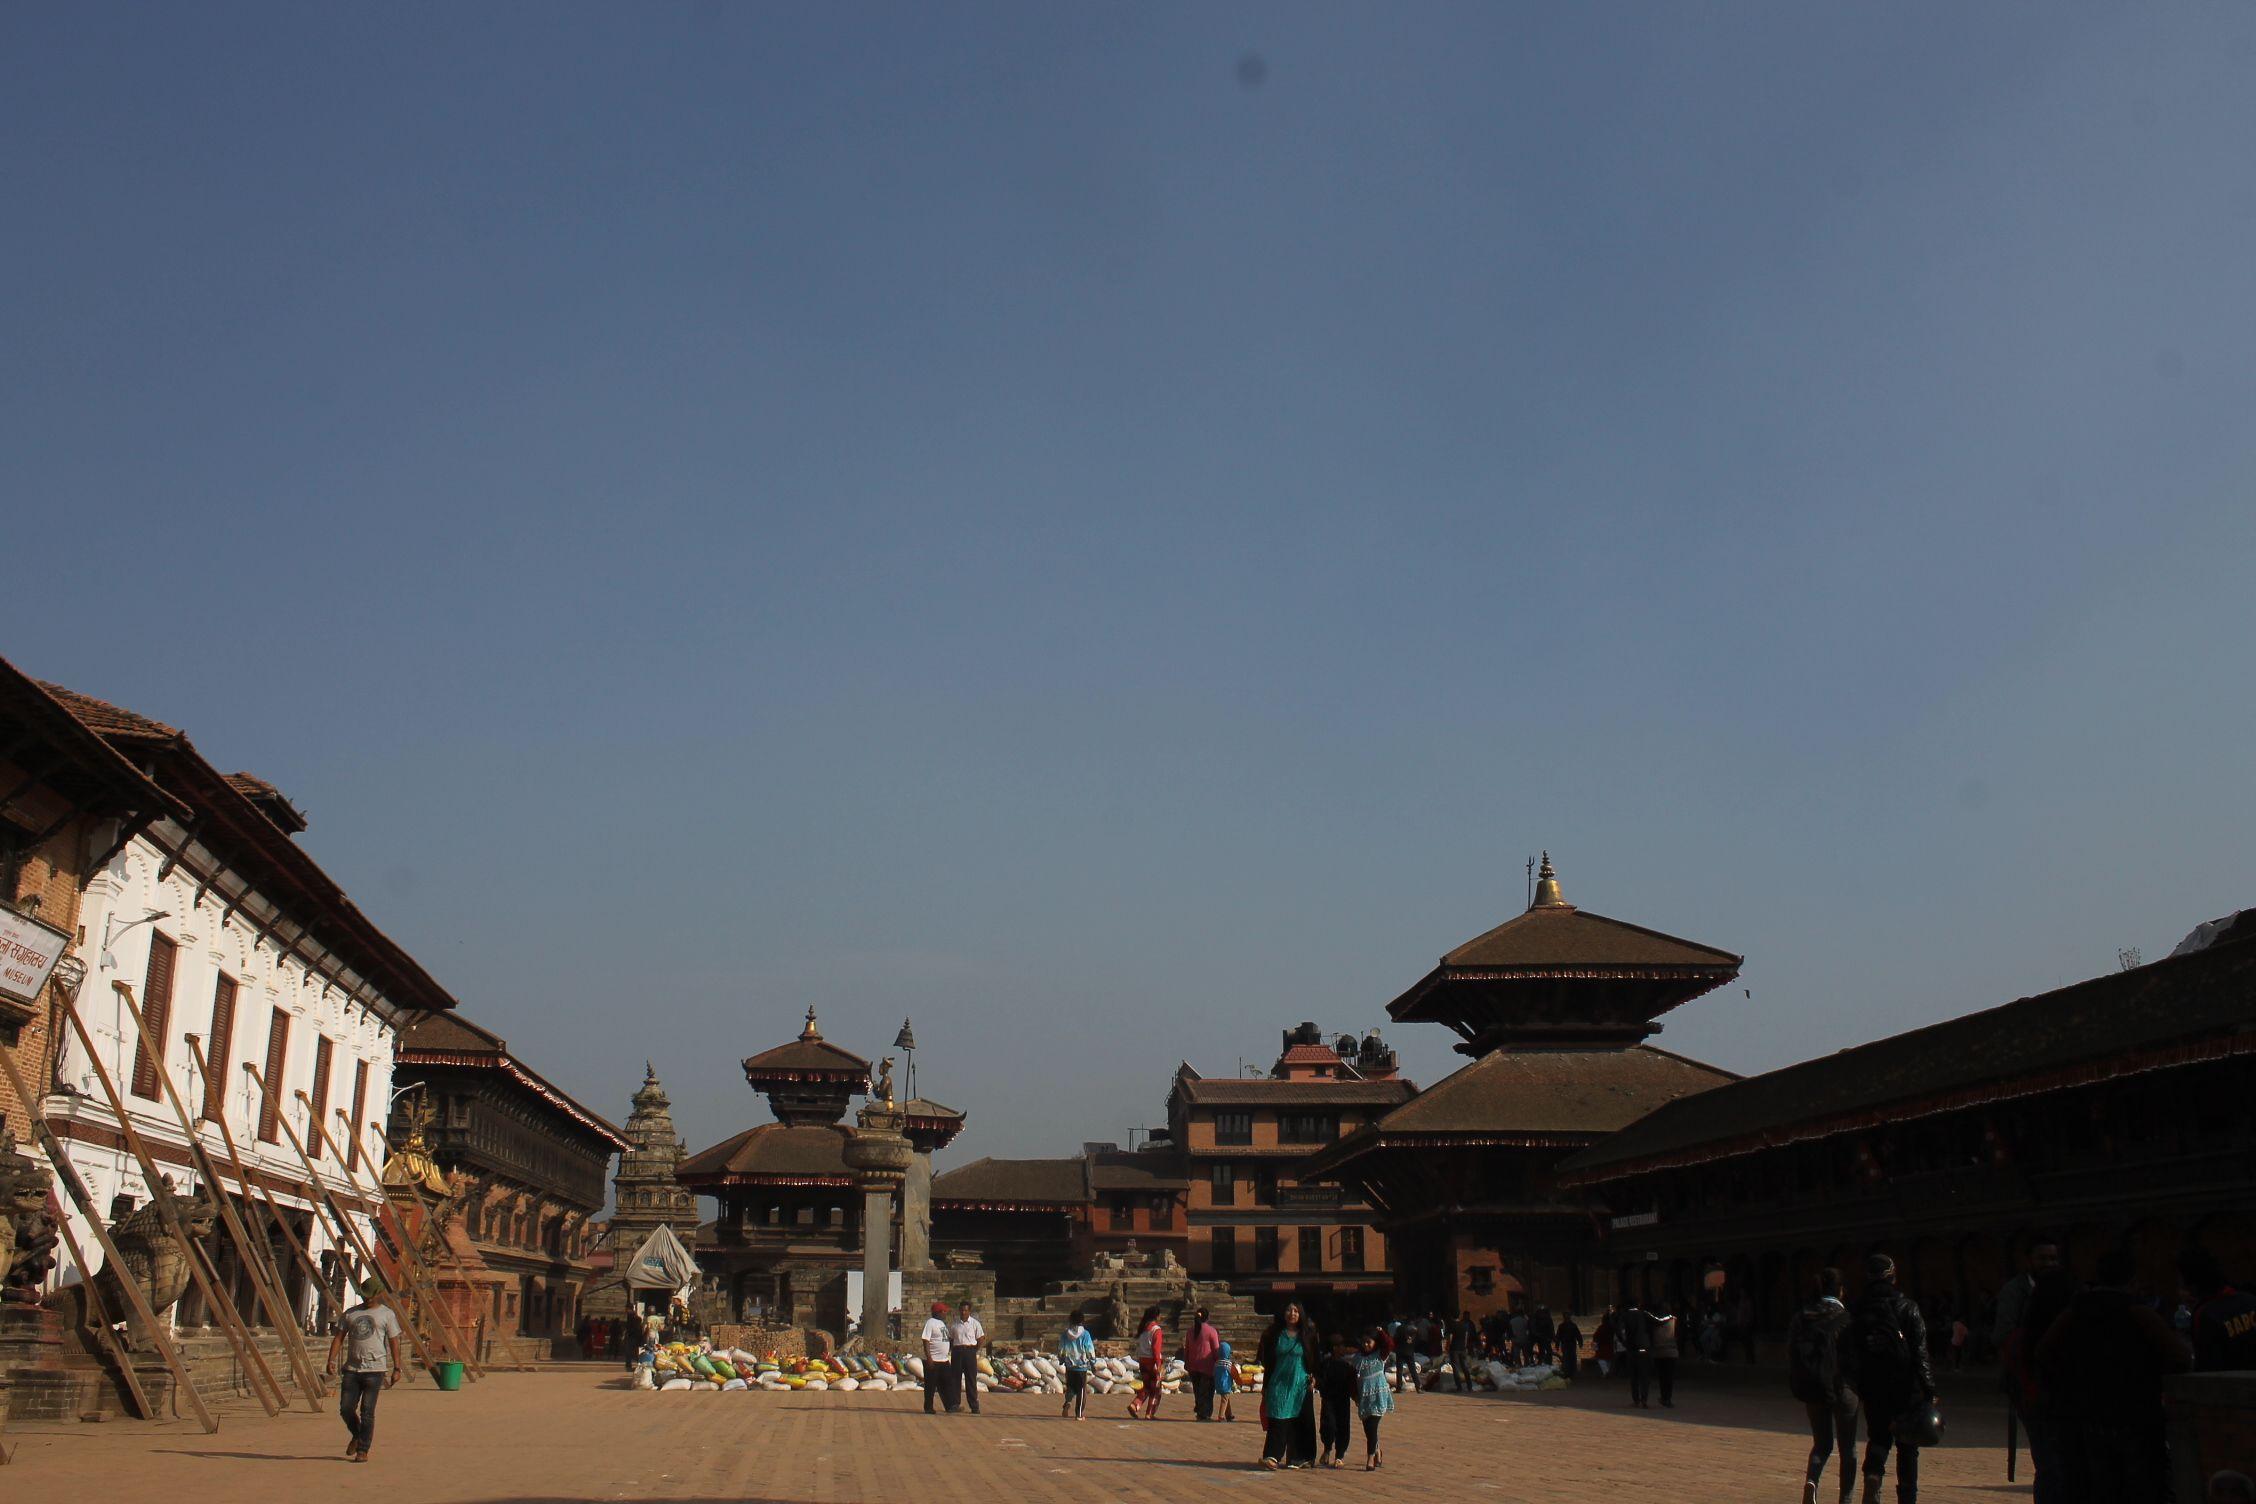 Durbar Square de Bhaktapur, con los edificios apuntalados a causa del terremoto